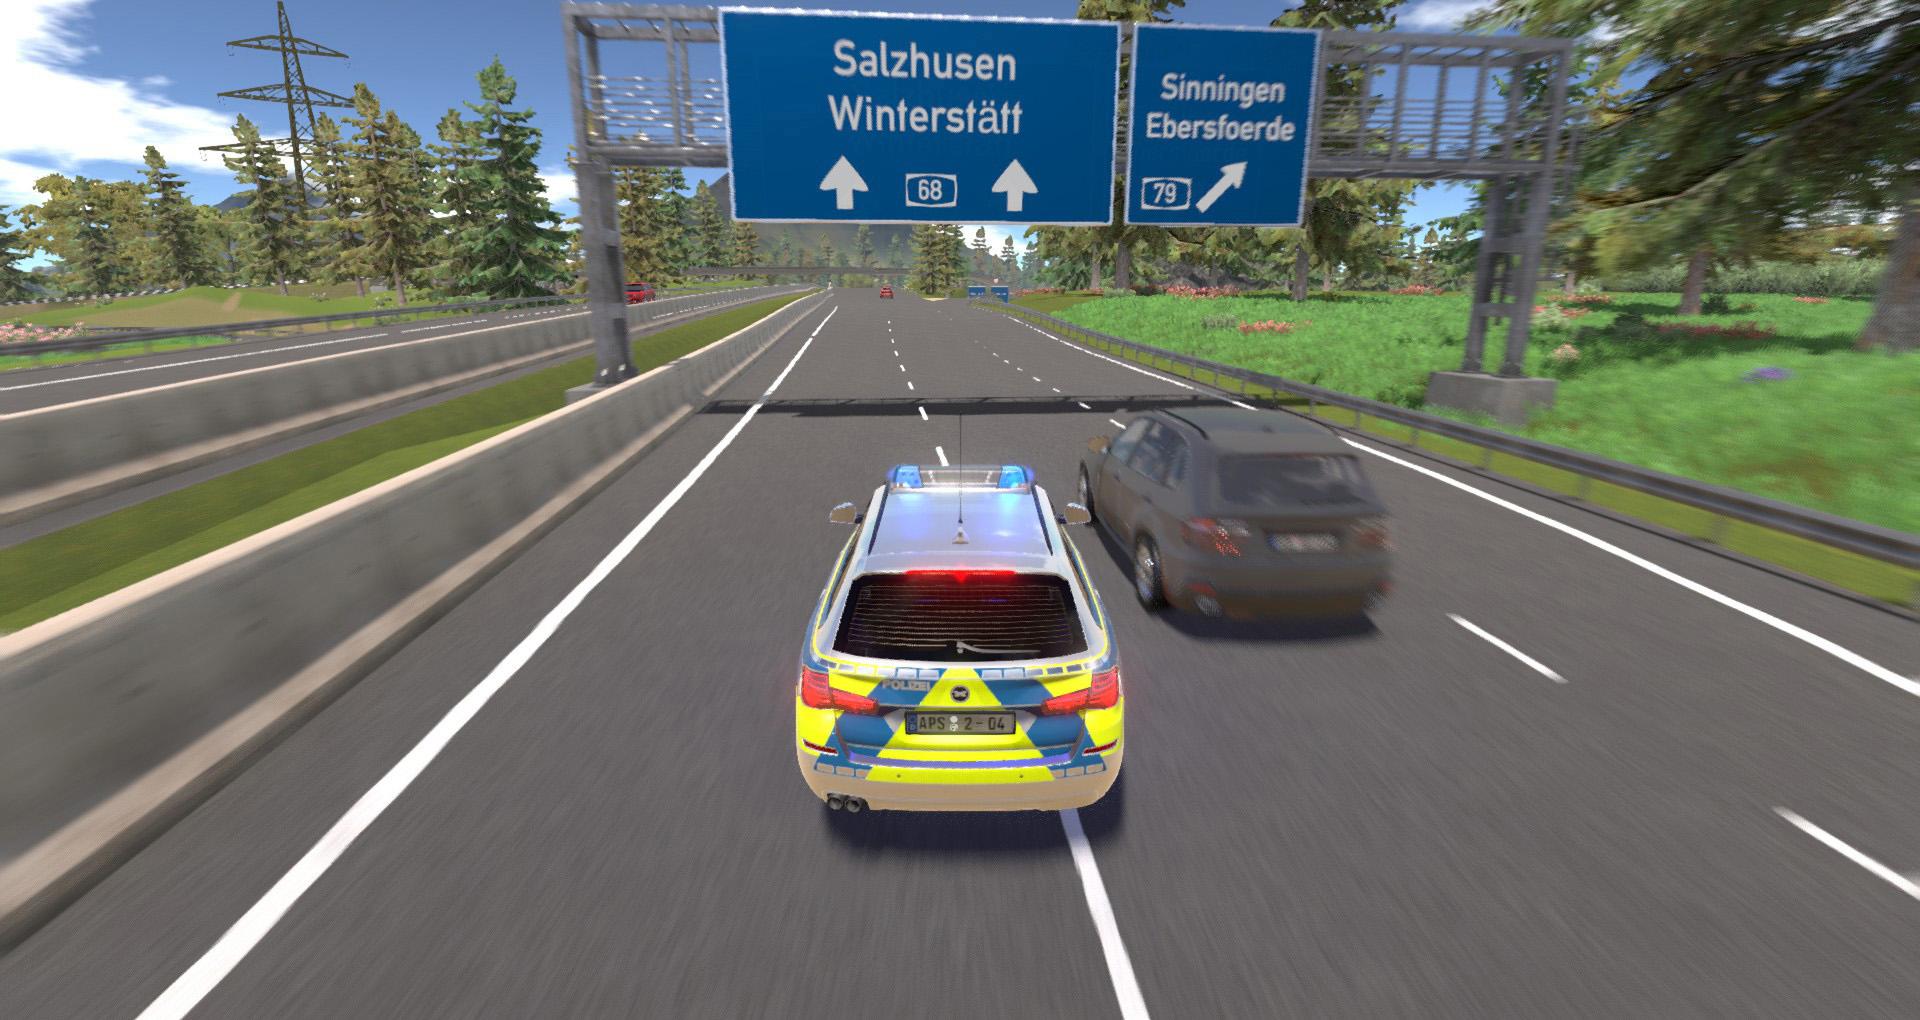 Simulator Kostenlos Online Spielen